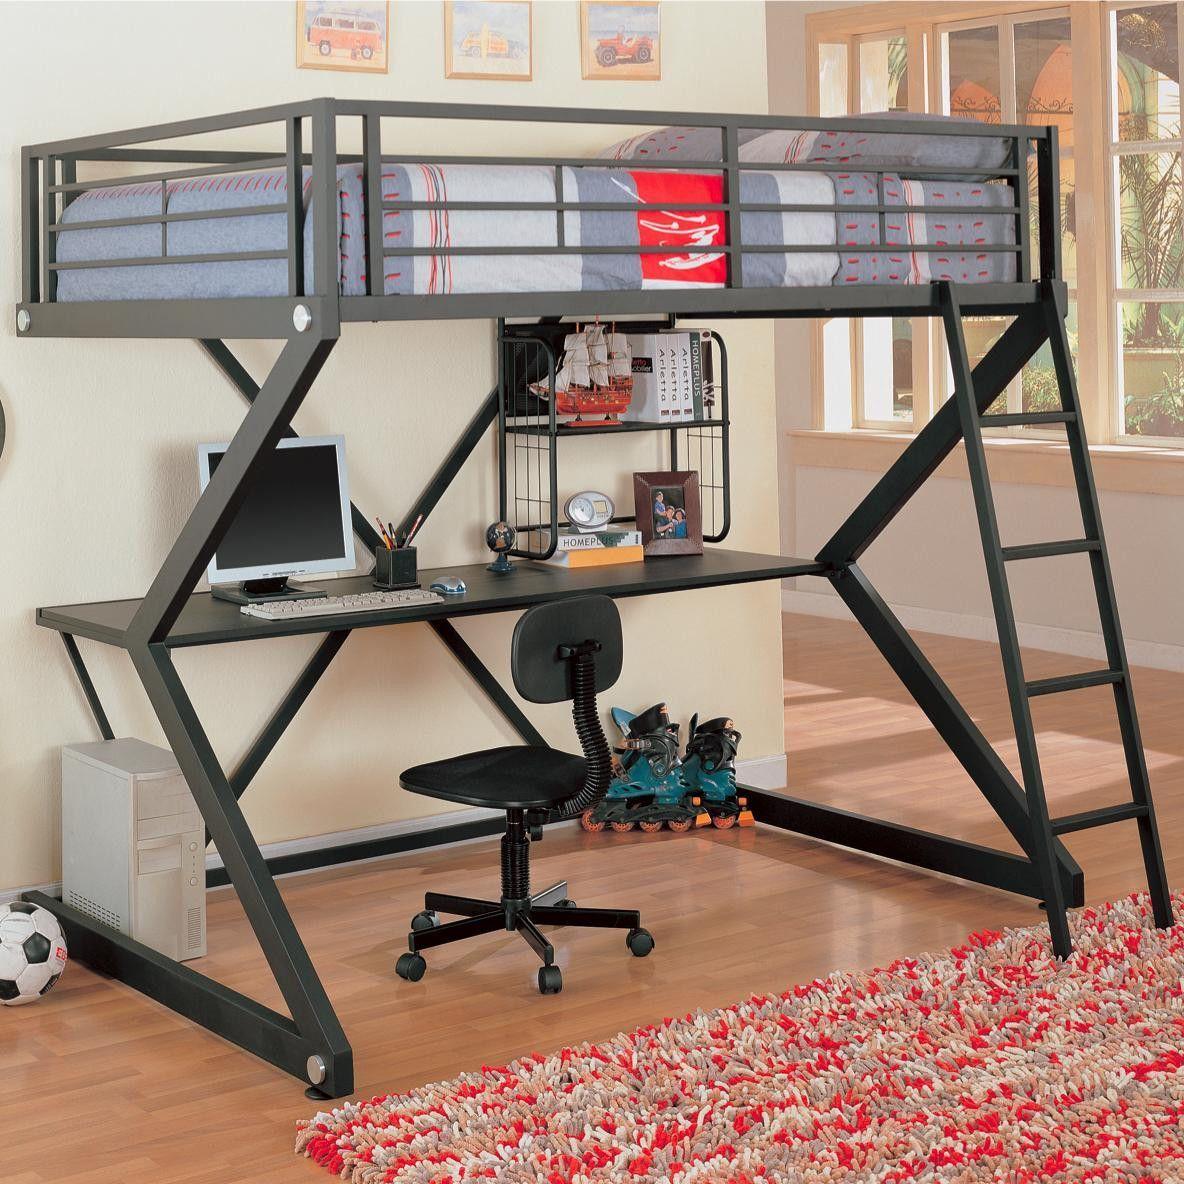 ZLoft Full Size Heavy Duty Metal w/Desk, Black Matte